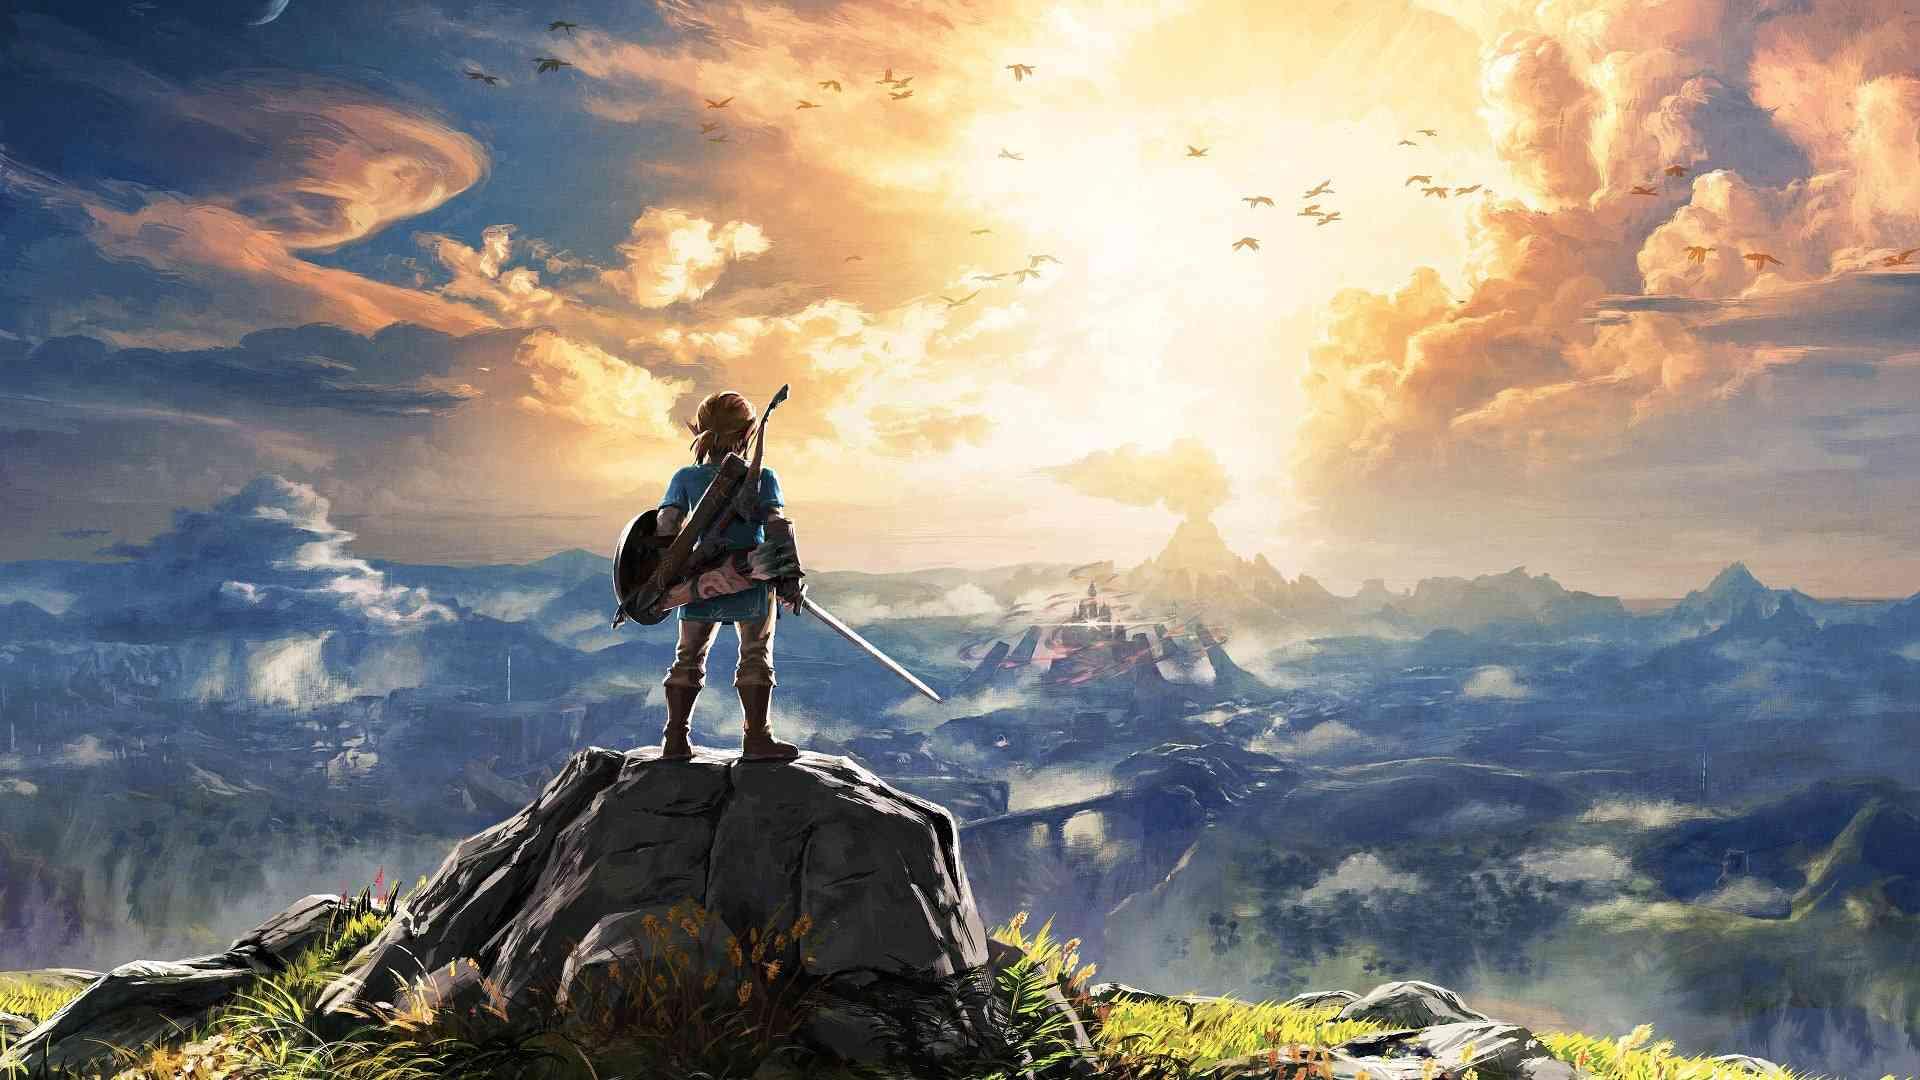 Top 7 Ways to Get Rich Quick in Legend of Zelda: Breath of the Wild